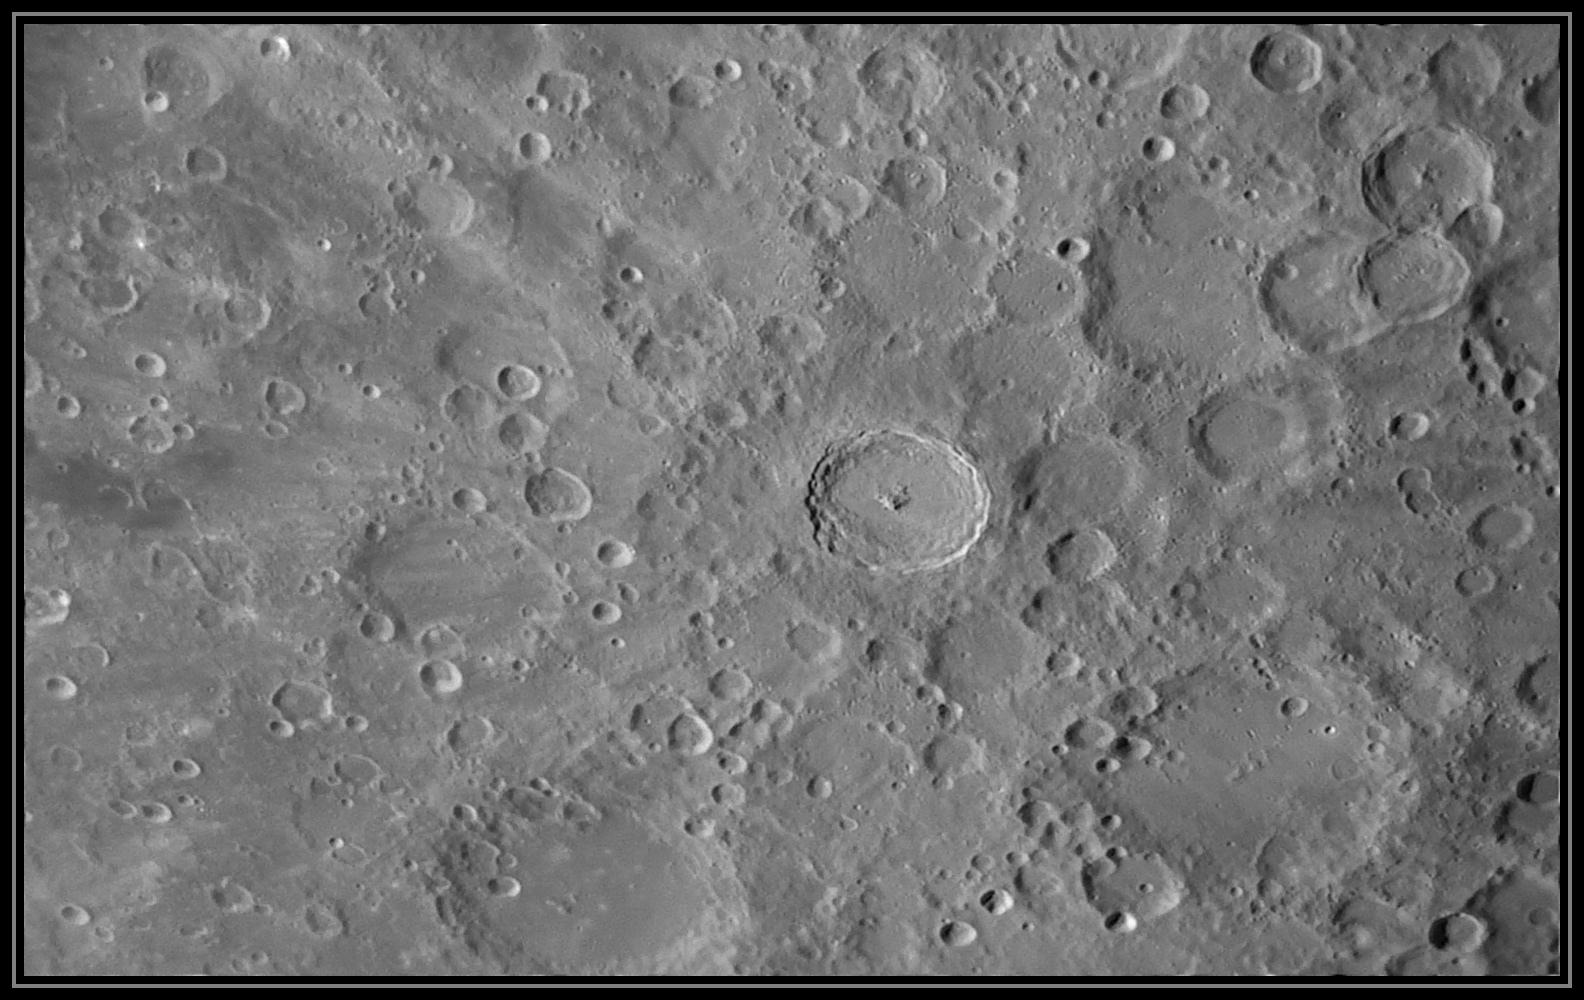 5e221e76a3682_Moon_053052_150120_ZWOASI290MM_IR_742nm_AS_P35_lapl6_ap599.jpg.21fc95159a2cd5ccd55b481d41cbf5d9.jpg